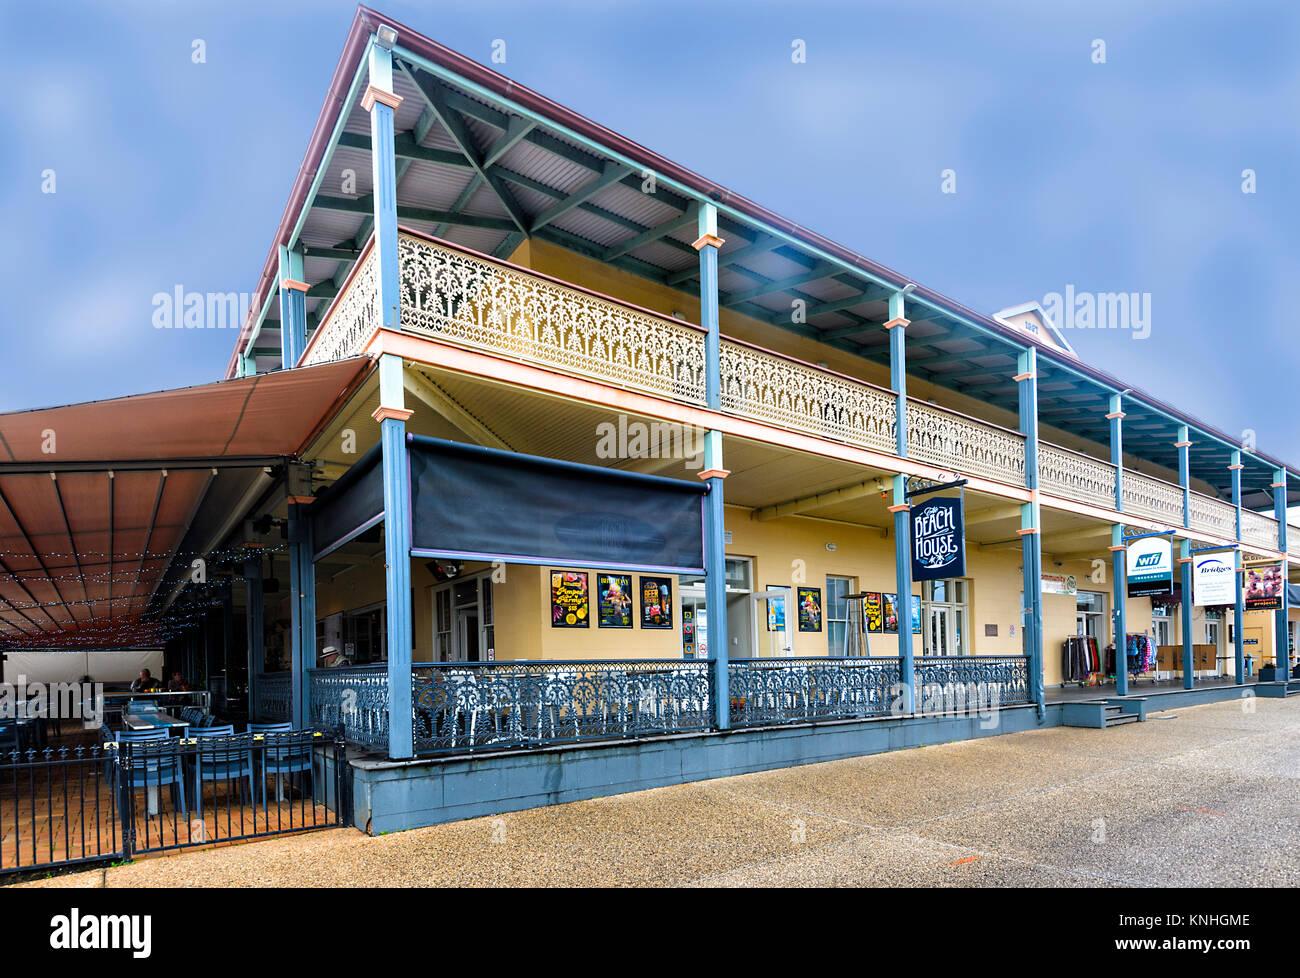 Bellissimo palazzo storico Royal Hotel a Port Macquarie, Nuovo Galles del Sud, NSW, Australia Immagini Stock